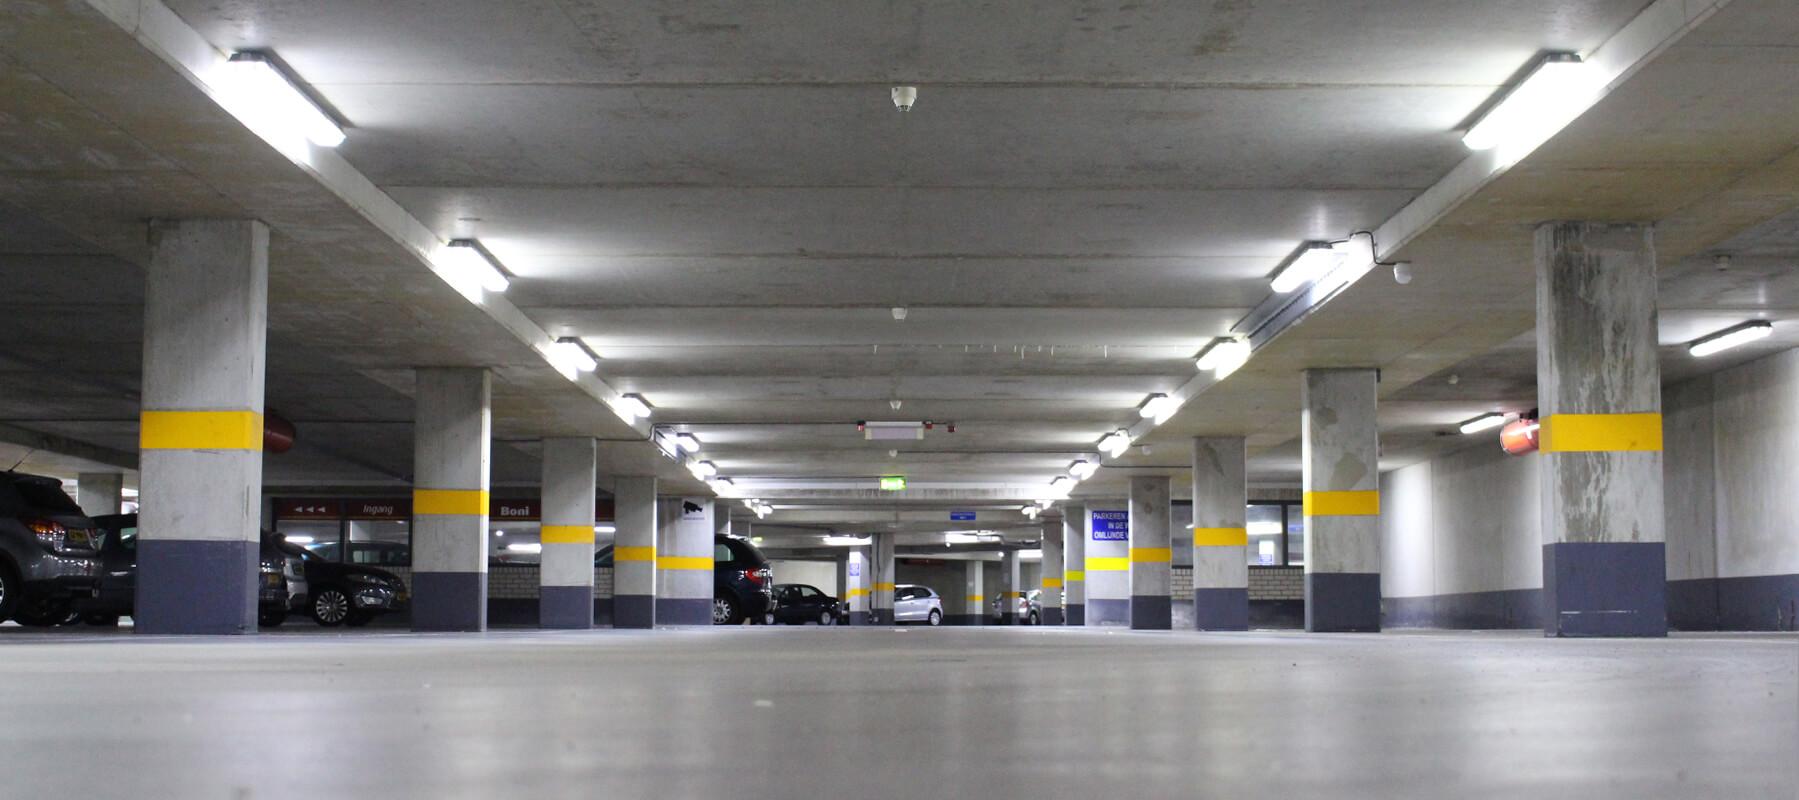 Gemeente nijkerk plaats nieuwe led verlichting van Saled in parkeergarage Wheemplein